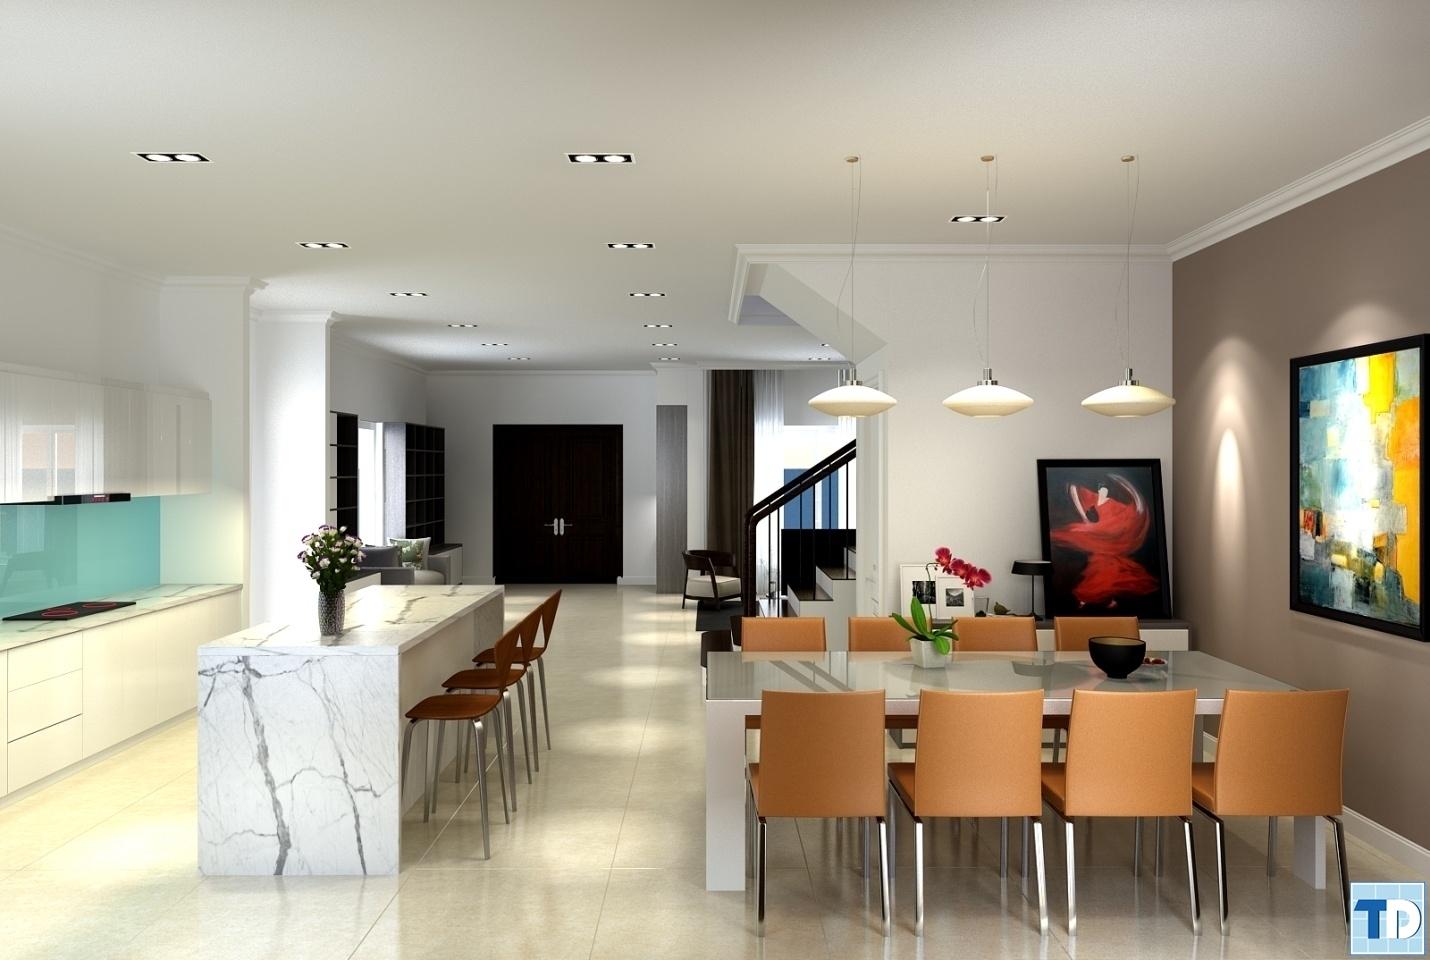 Phòng bếpnhà Anh Hà biệt thự số 16 Đường Hoa Sữa - Vinhome Riverside